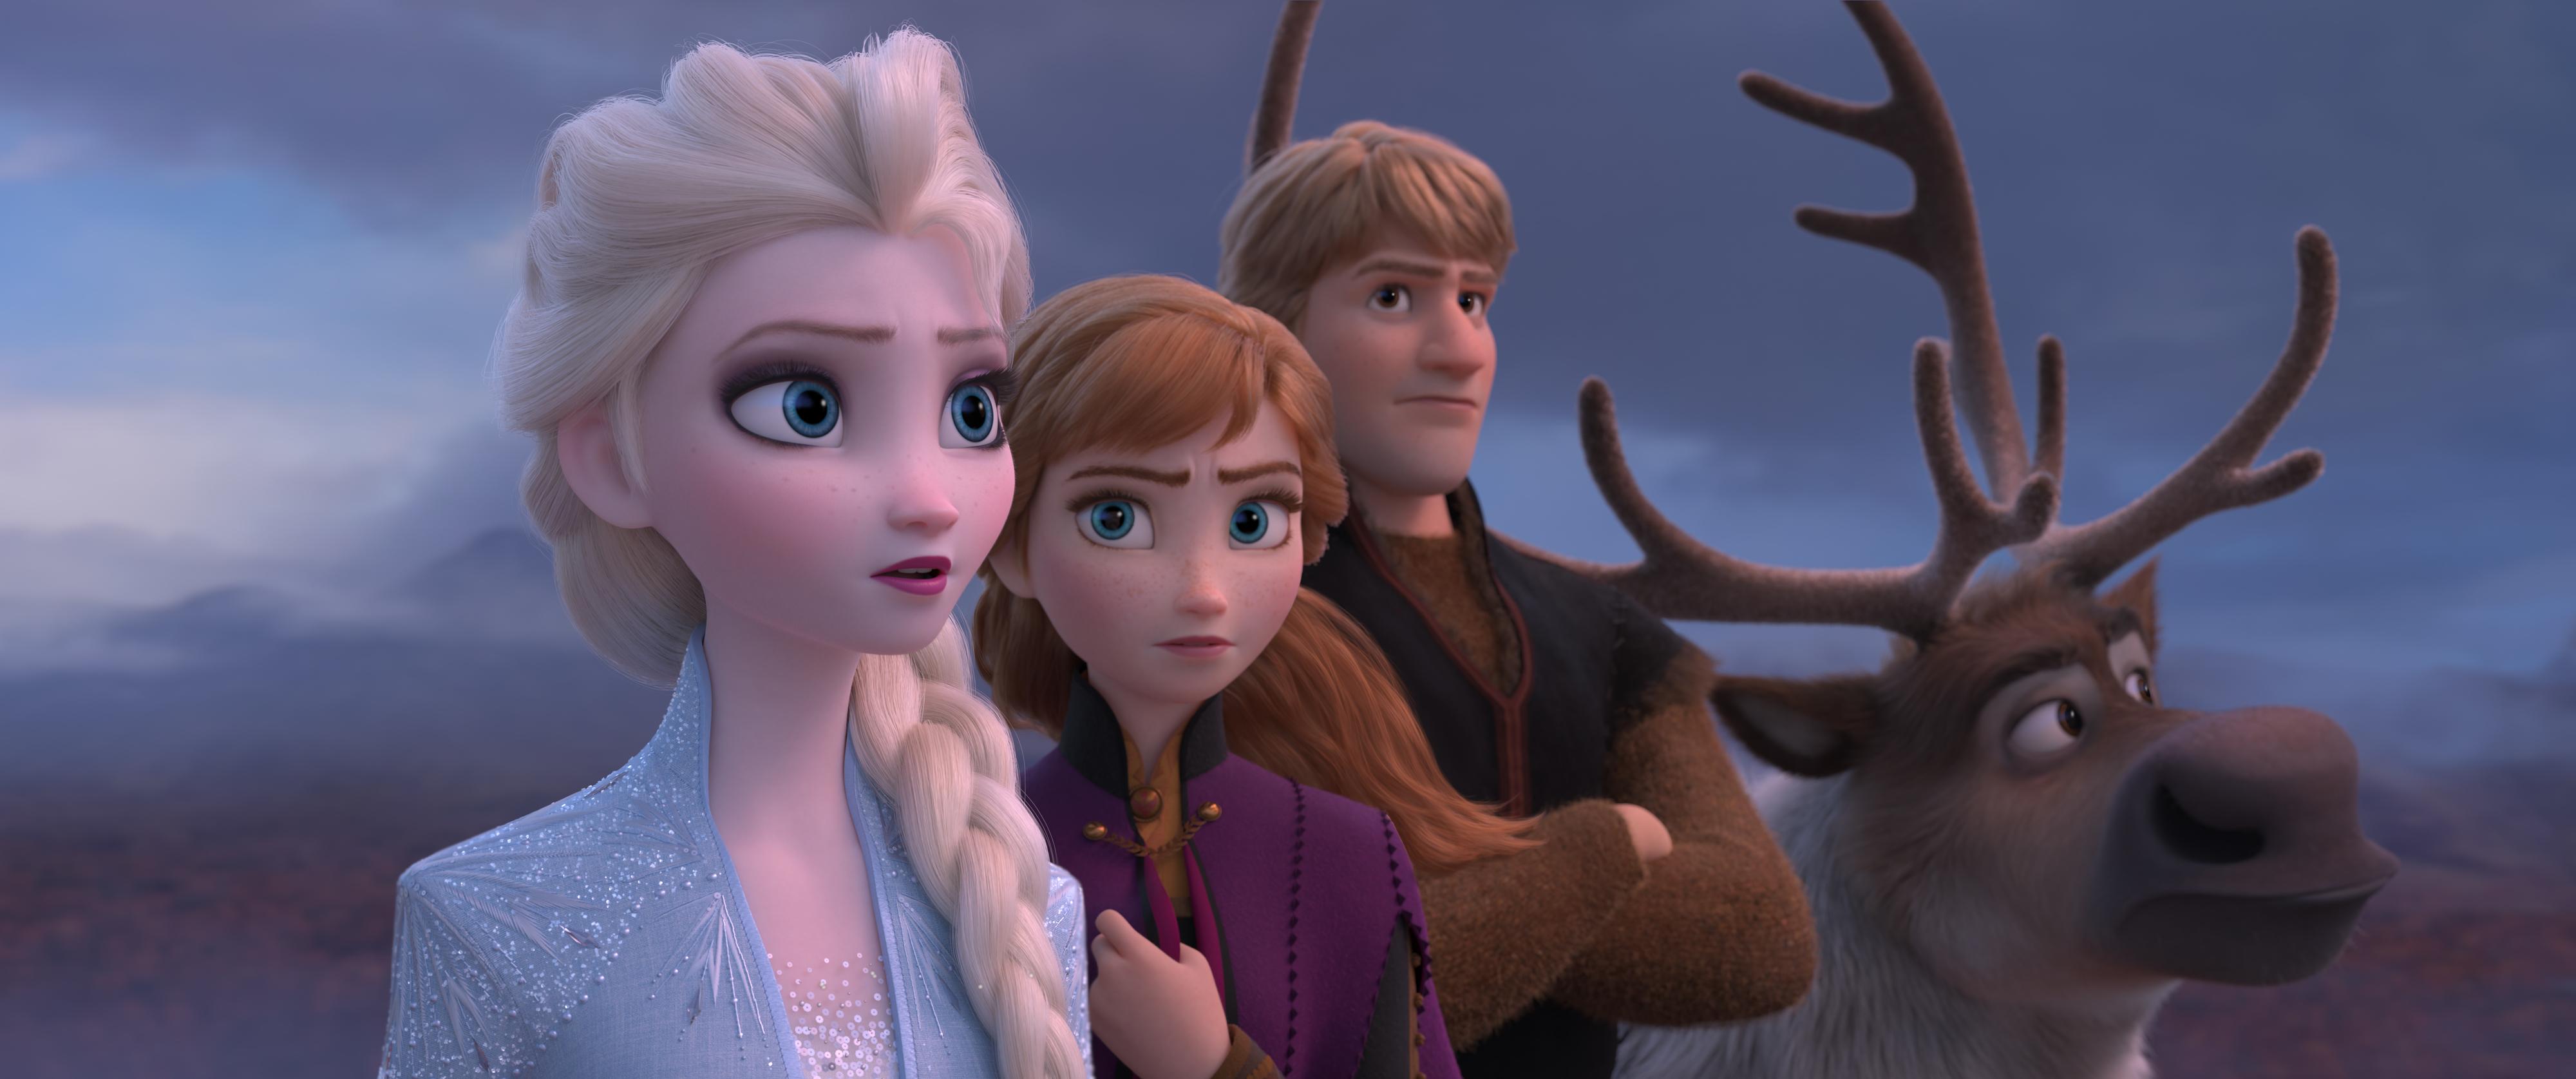 """Quer dar voz a uma personagem de """"Frozen II: O Reino do Gelo""""? Disney abre casting na Comic Con Portugal"""